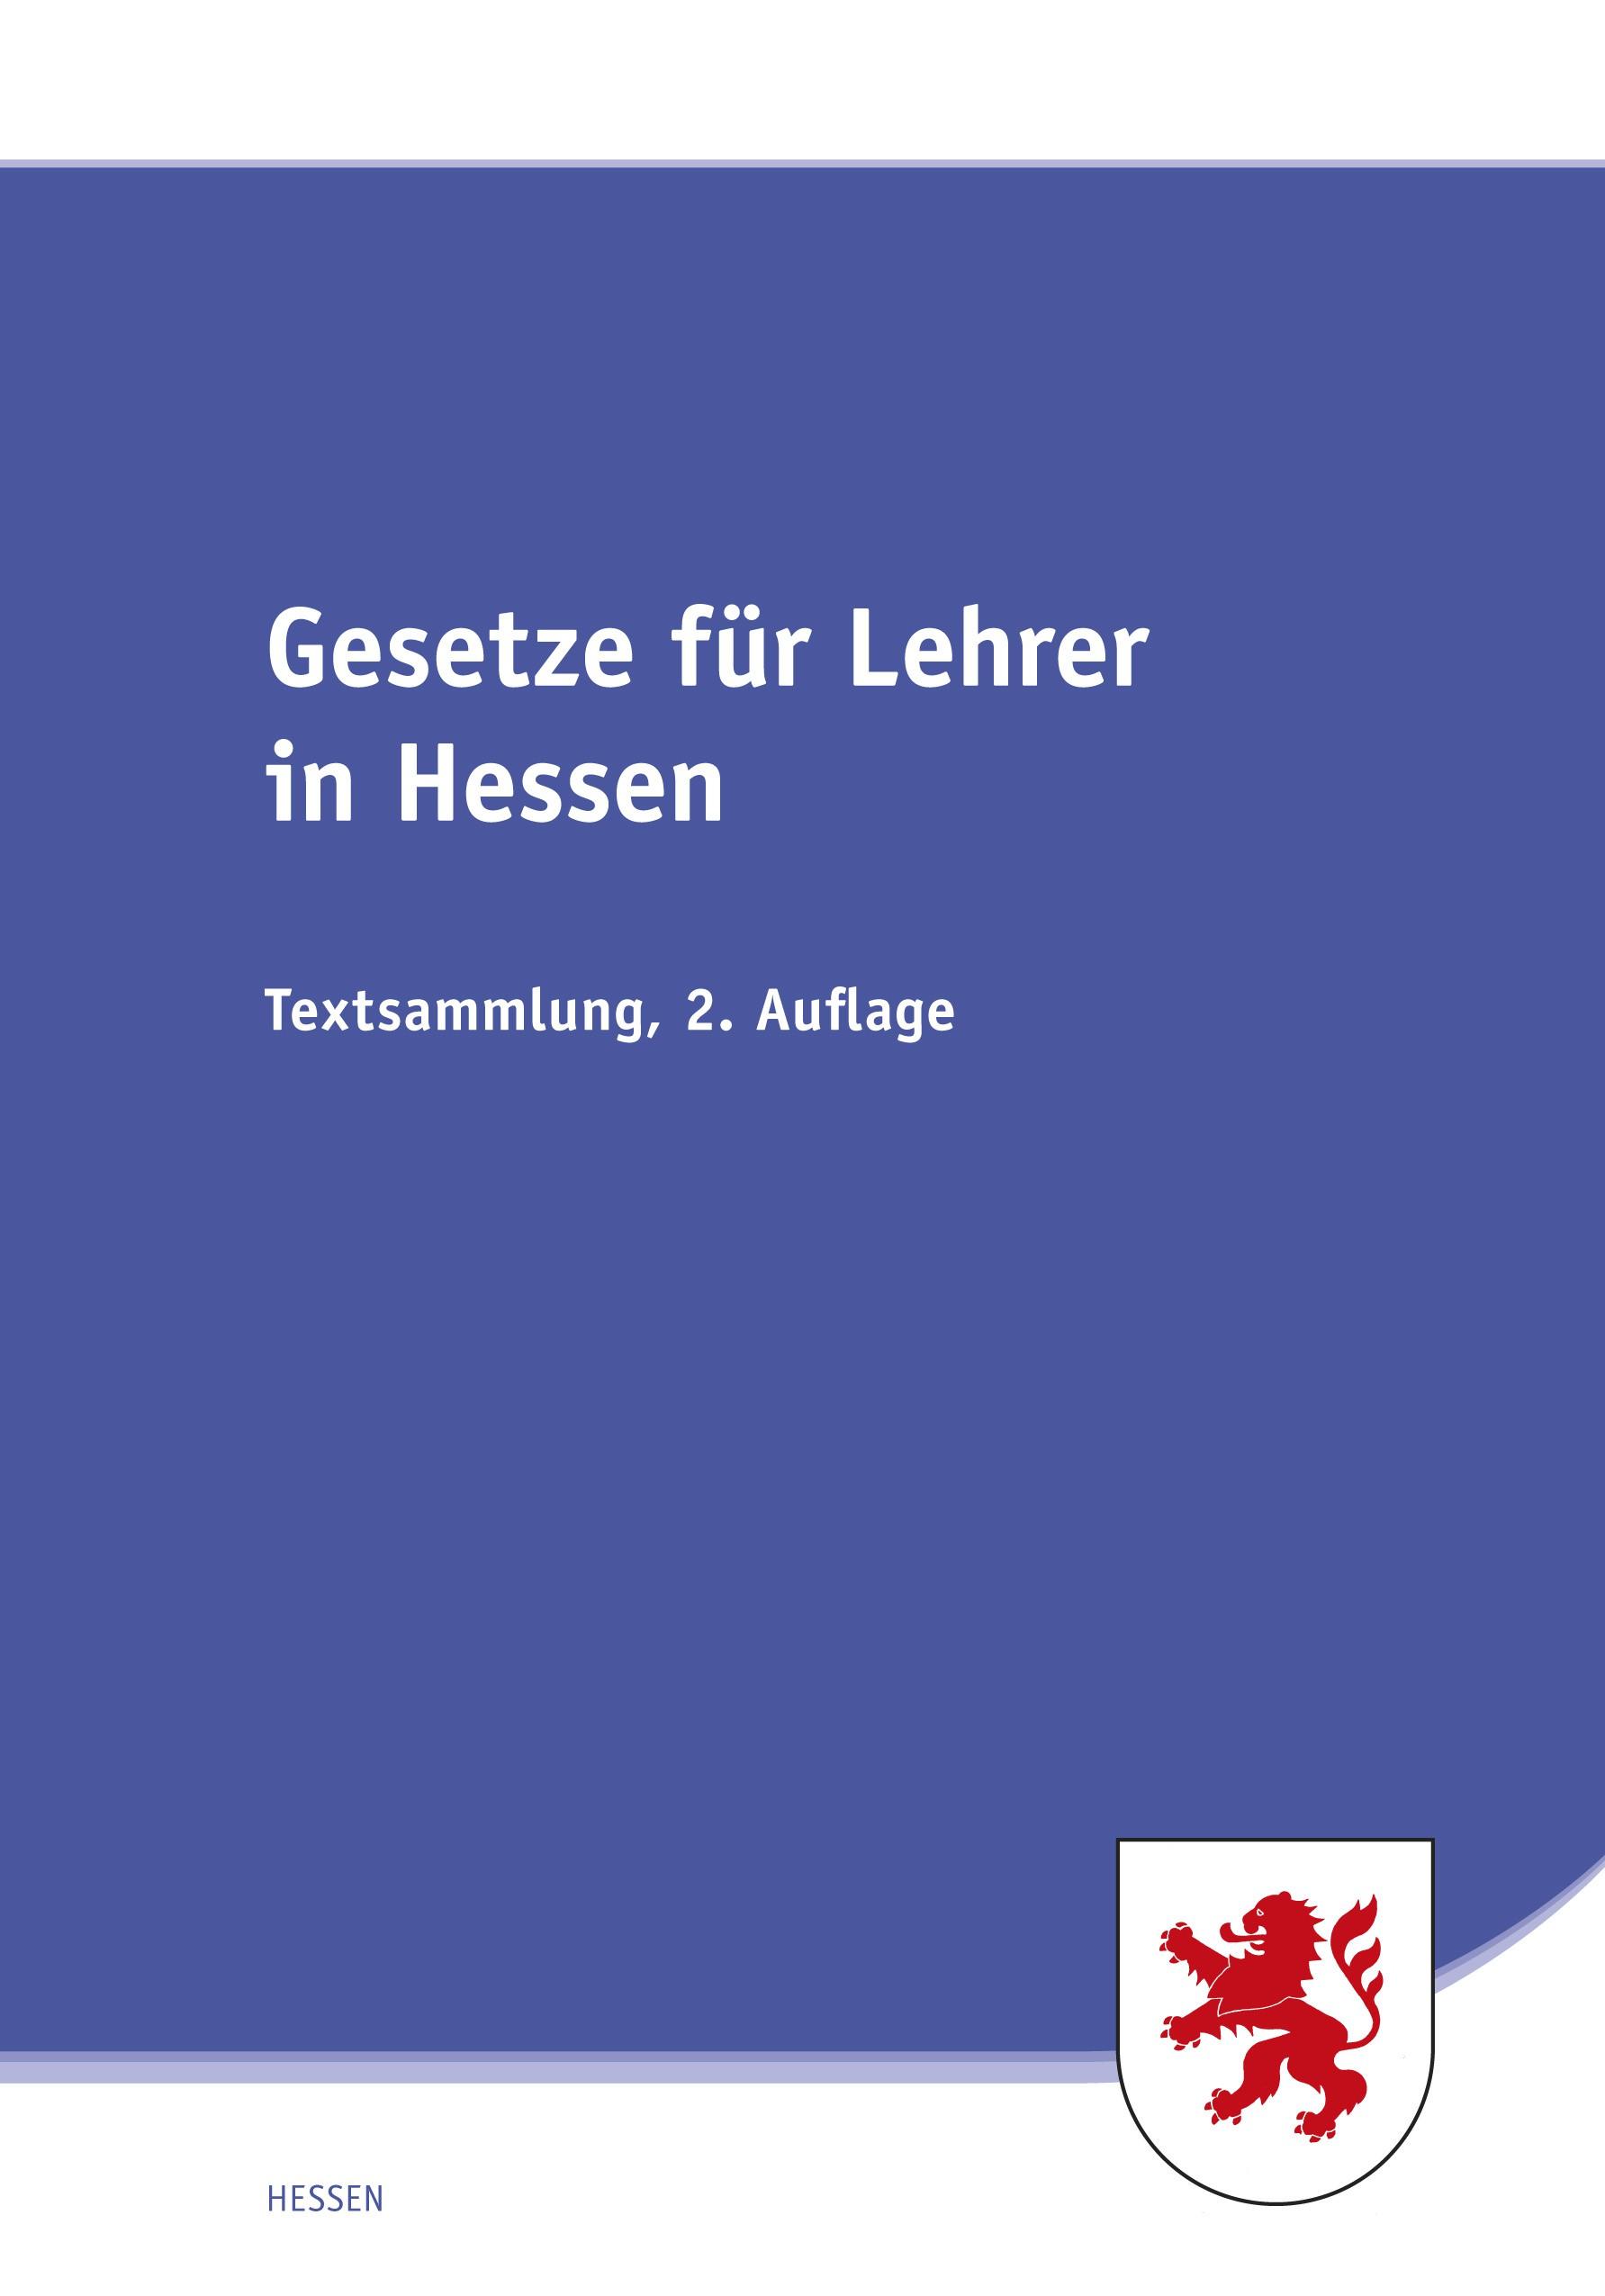 Gesetze für Lehrer in Hessen